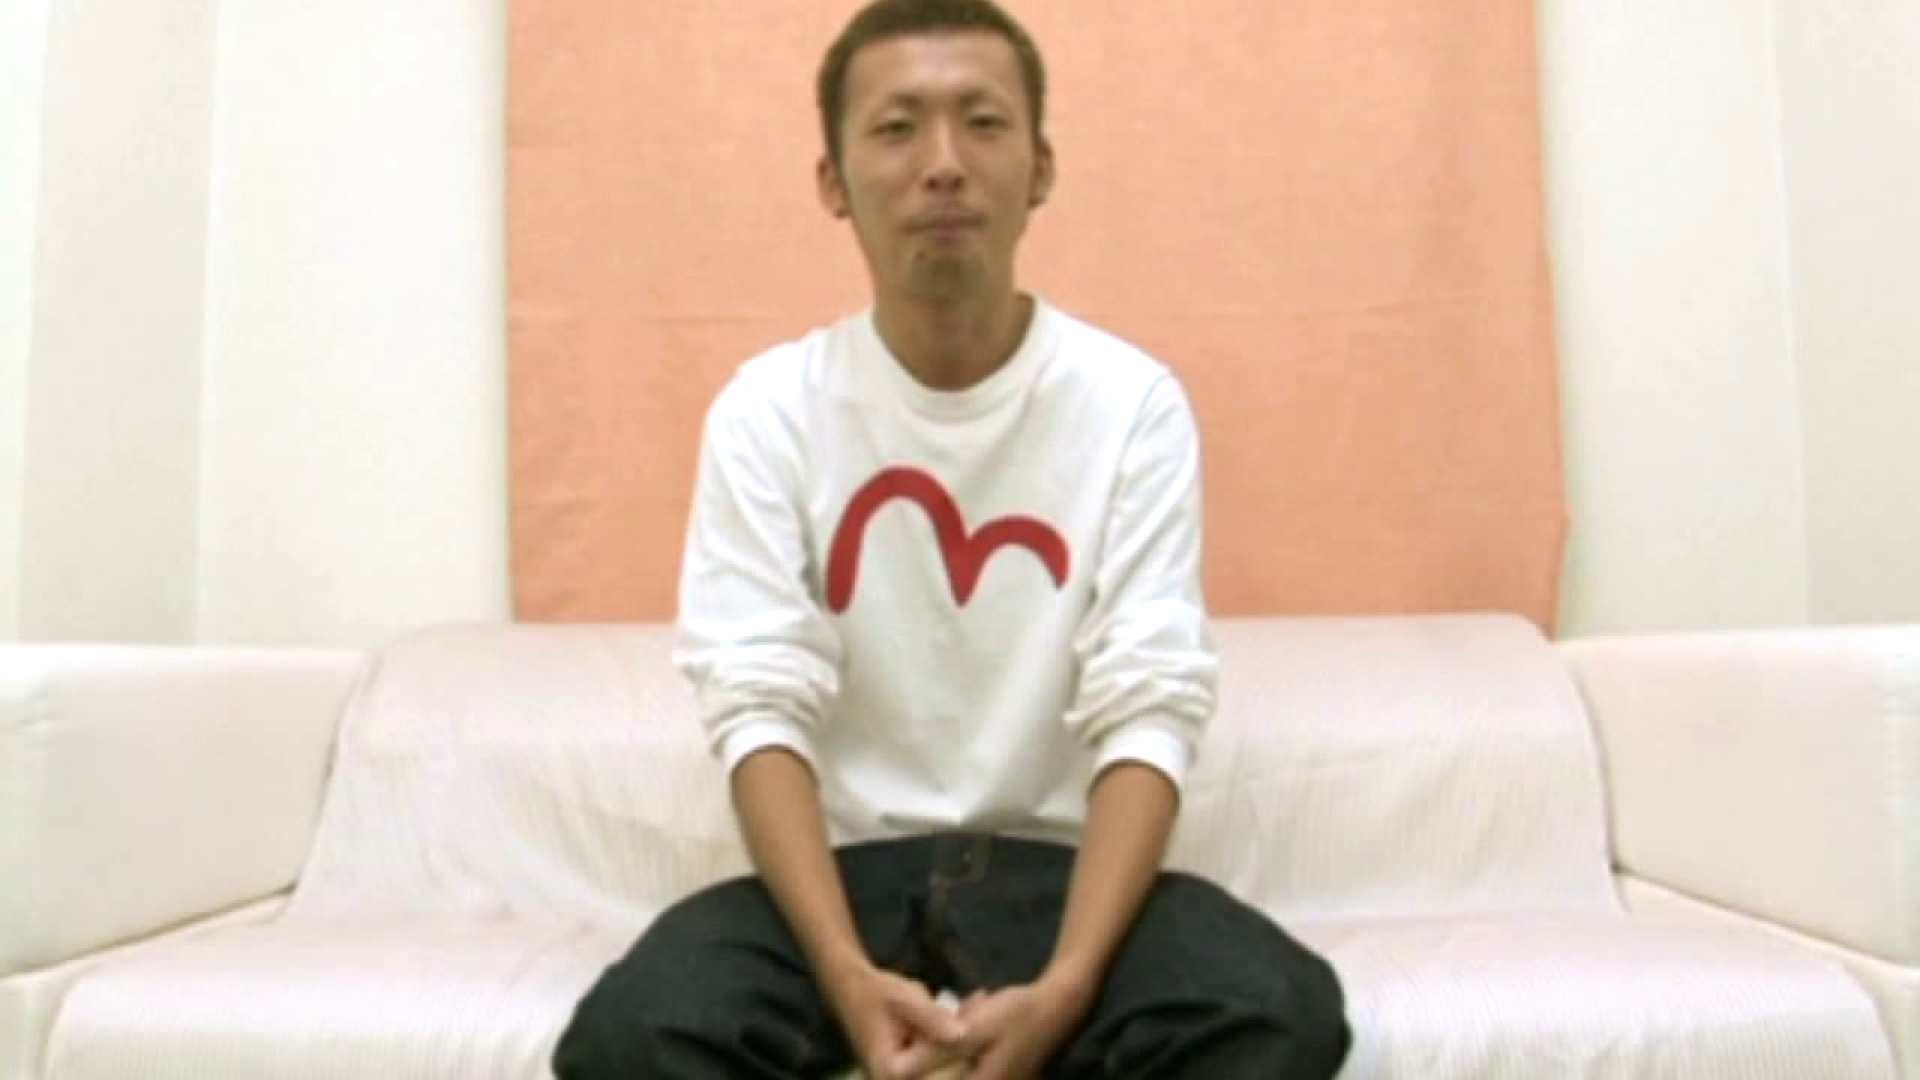 ノンケ!自慰スタジオ No.11 自慰特集 | ゲイの裸  67枚 29